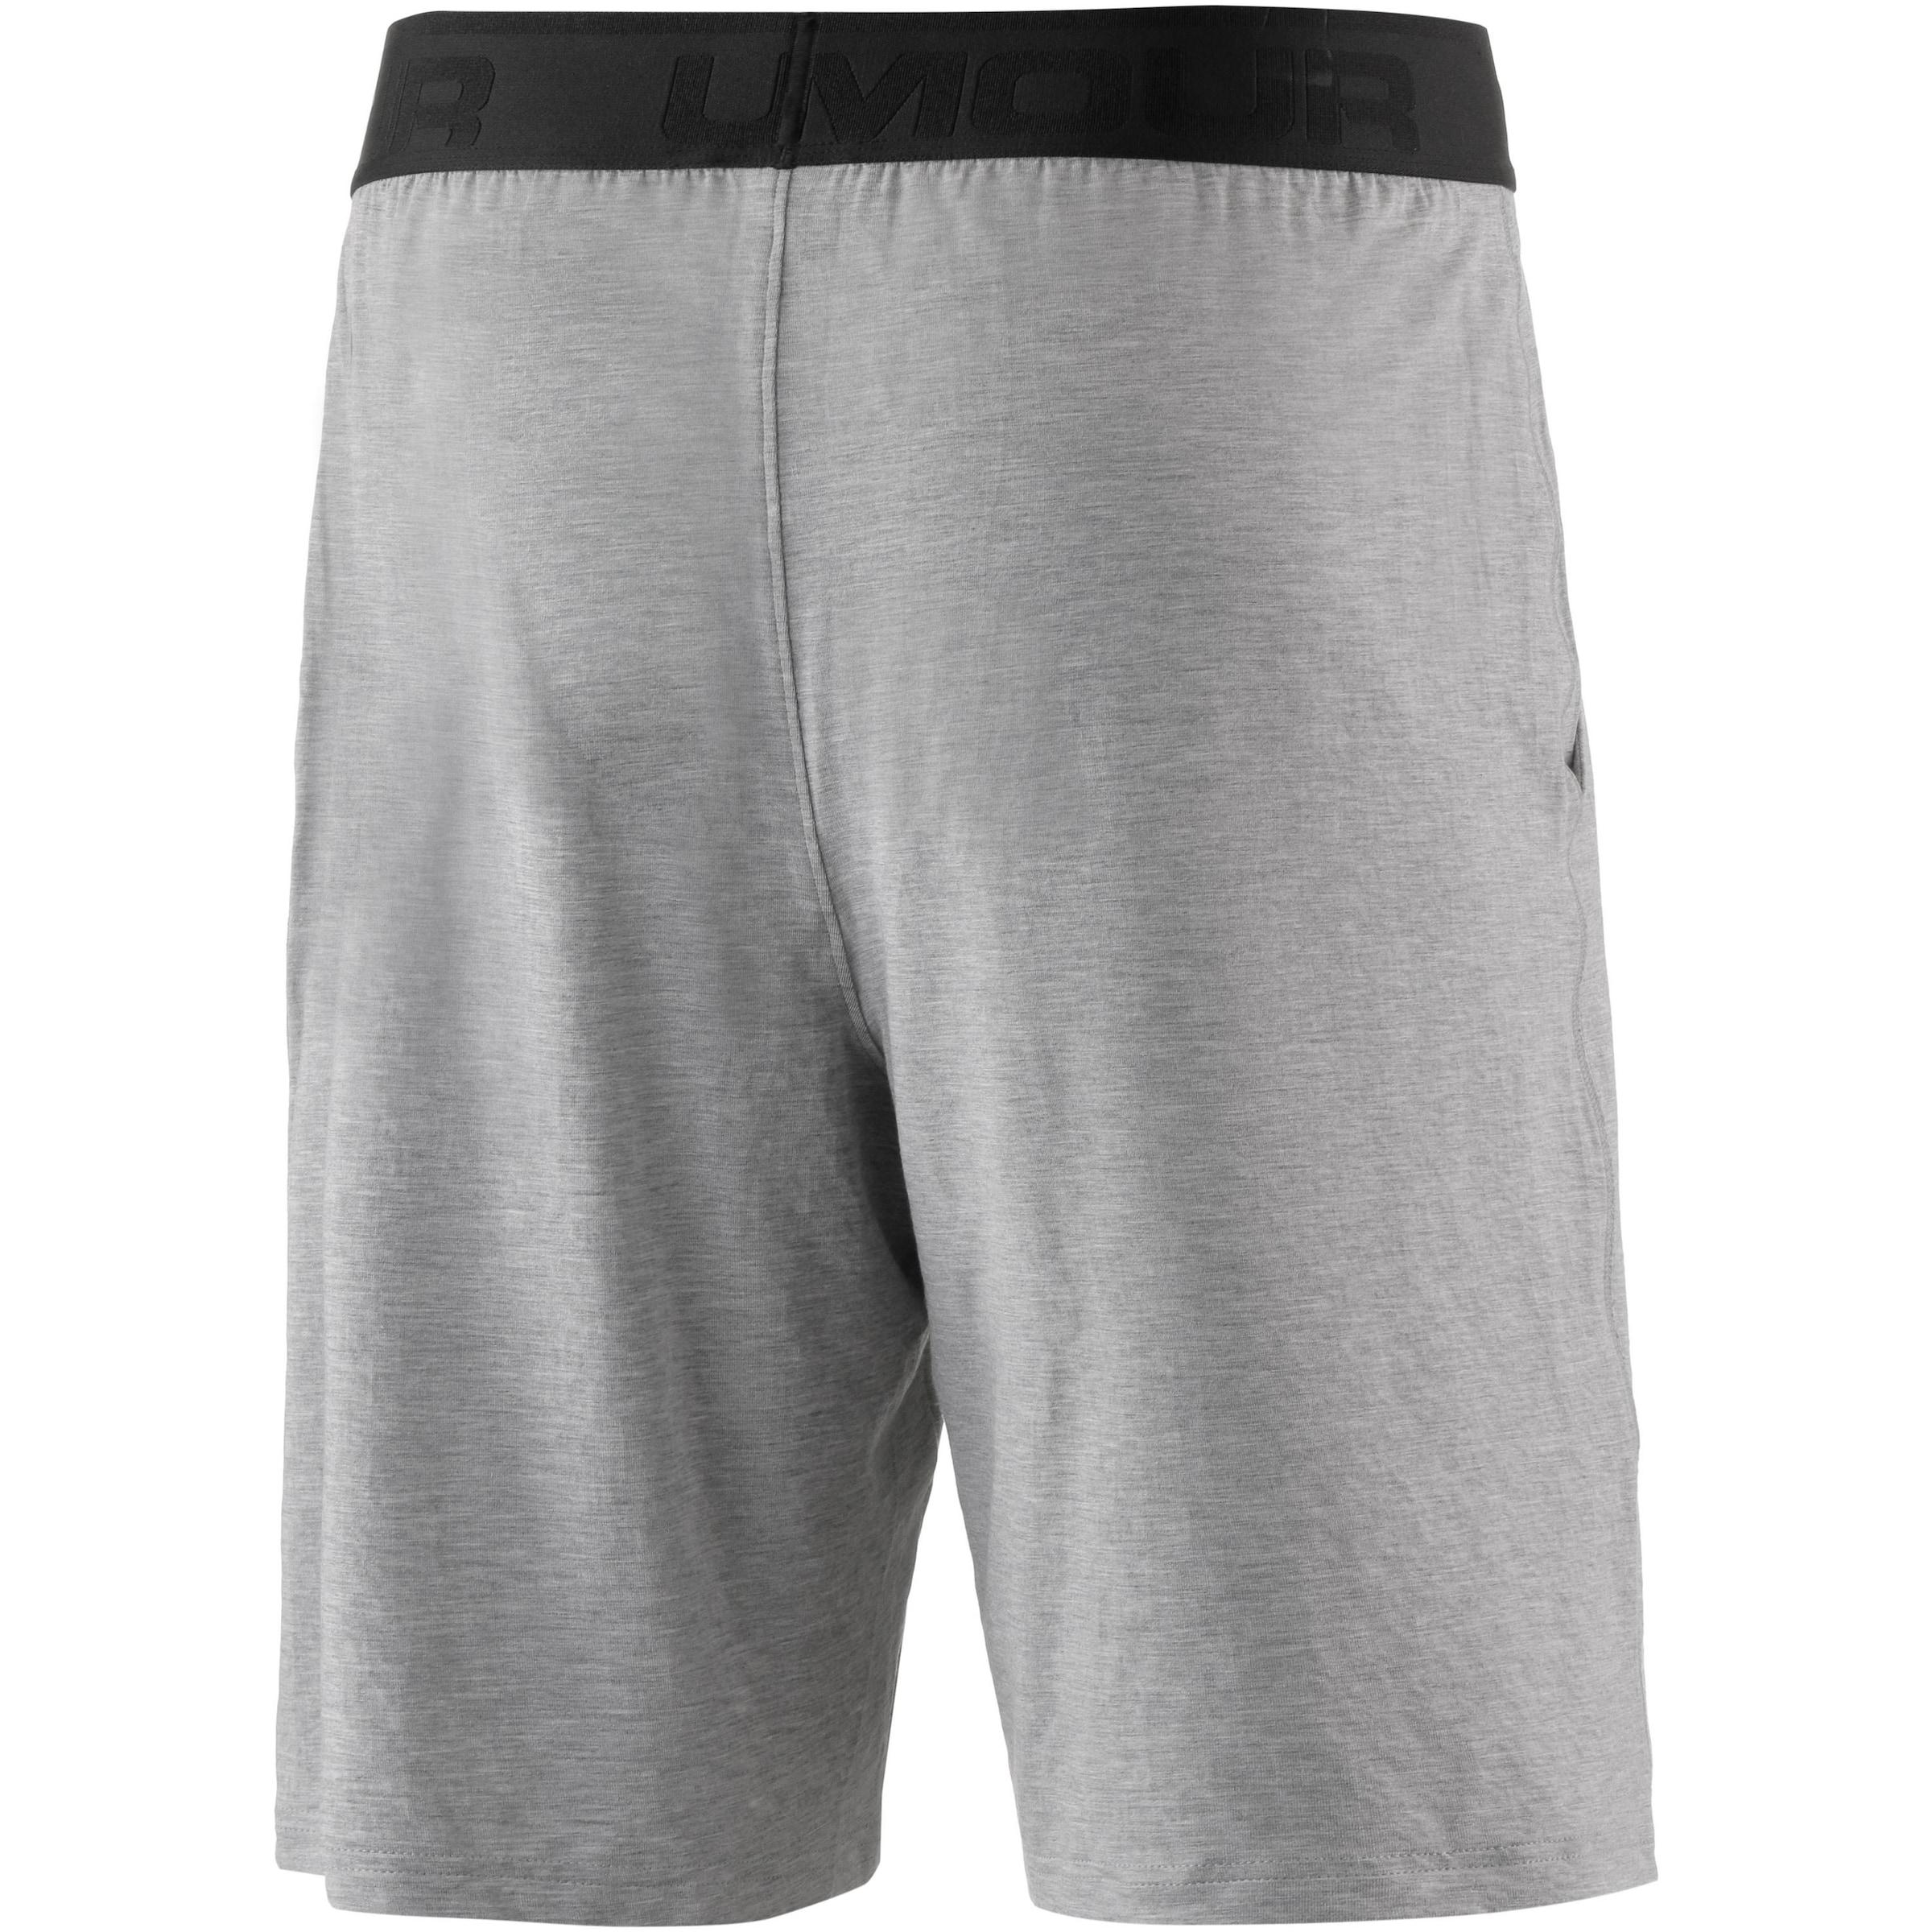 UNDER ARMOUR Sleepwear Shorts Herren Preise Für Verkauf Rabatt Niedriger Versand Heißen Verkauf Günstig Online Günstig Kaufen Neueste Spielraum Größte Lieferant Z6h2hVW